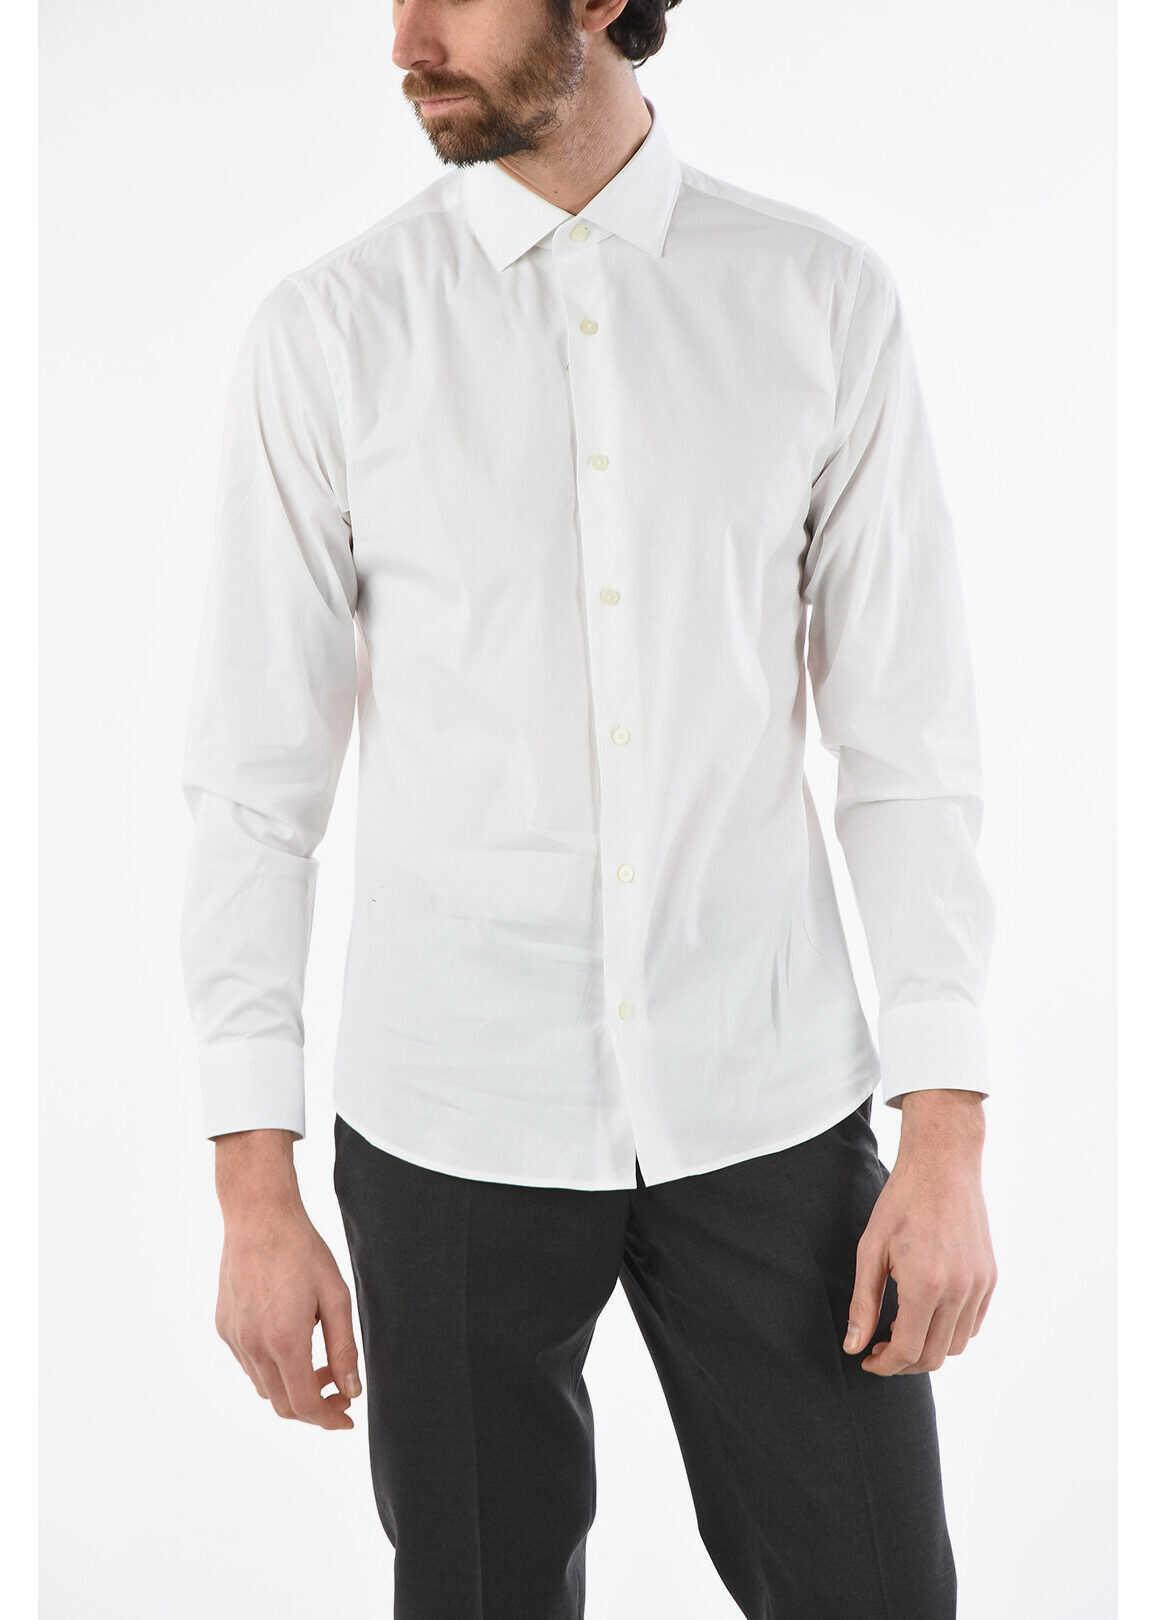 Ermenegildo Zegna ZZEGNA Stretchy Cotton Slim Fit Shirt WHITE imagine